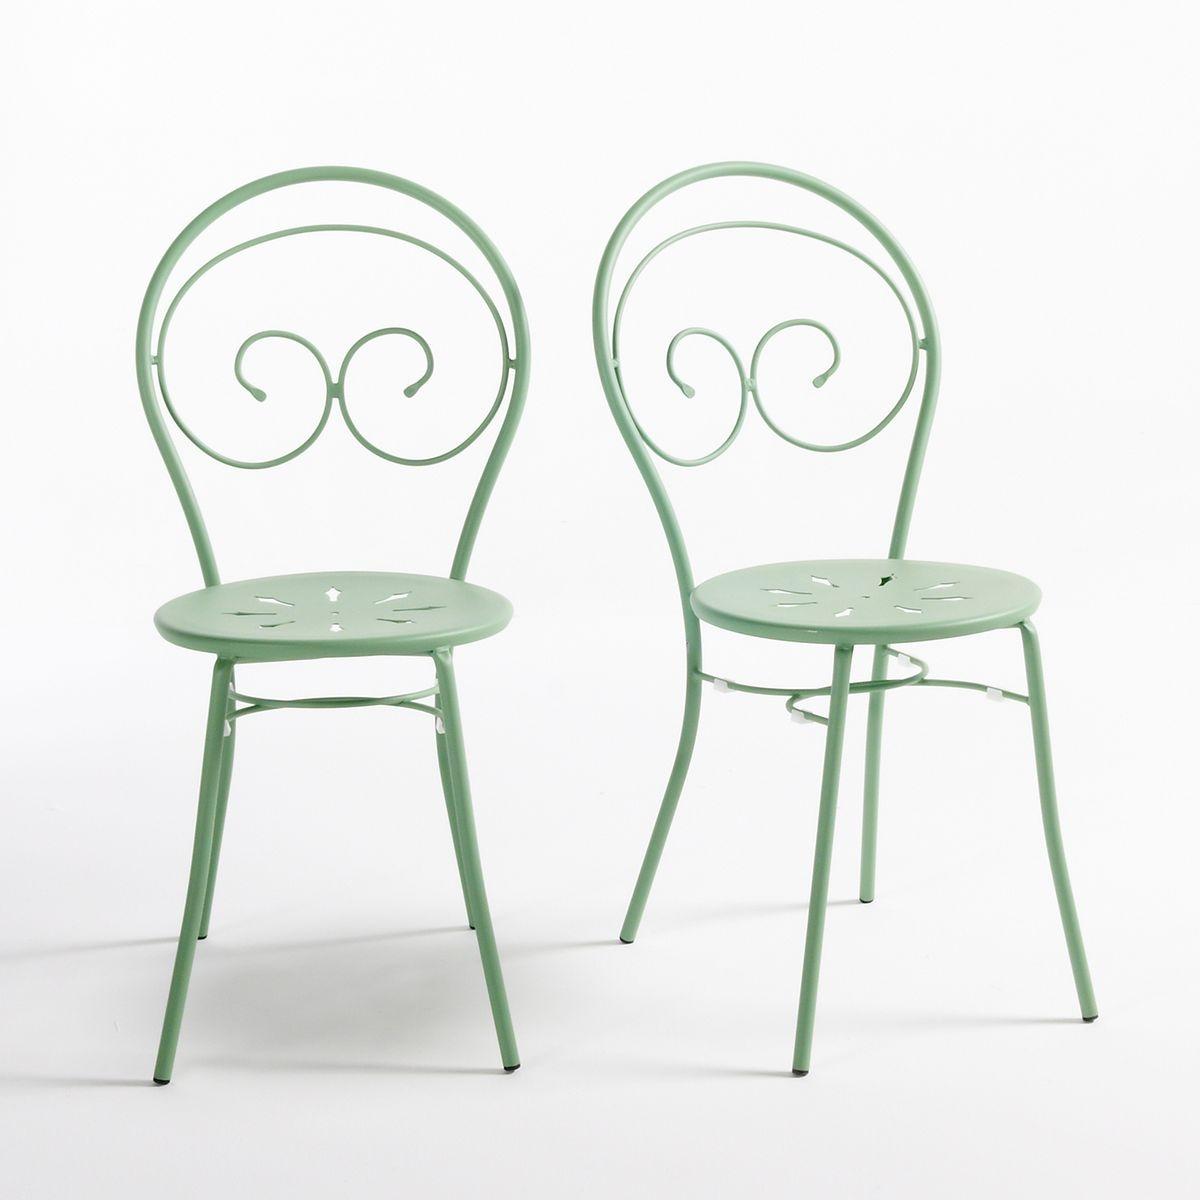 bien choisir une chaise de jardin en fer forg pas ch re conseils et prix. Black Bedroom Furniture Sets. Home Design Ideas